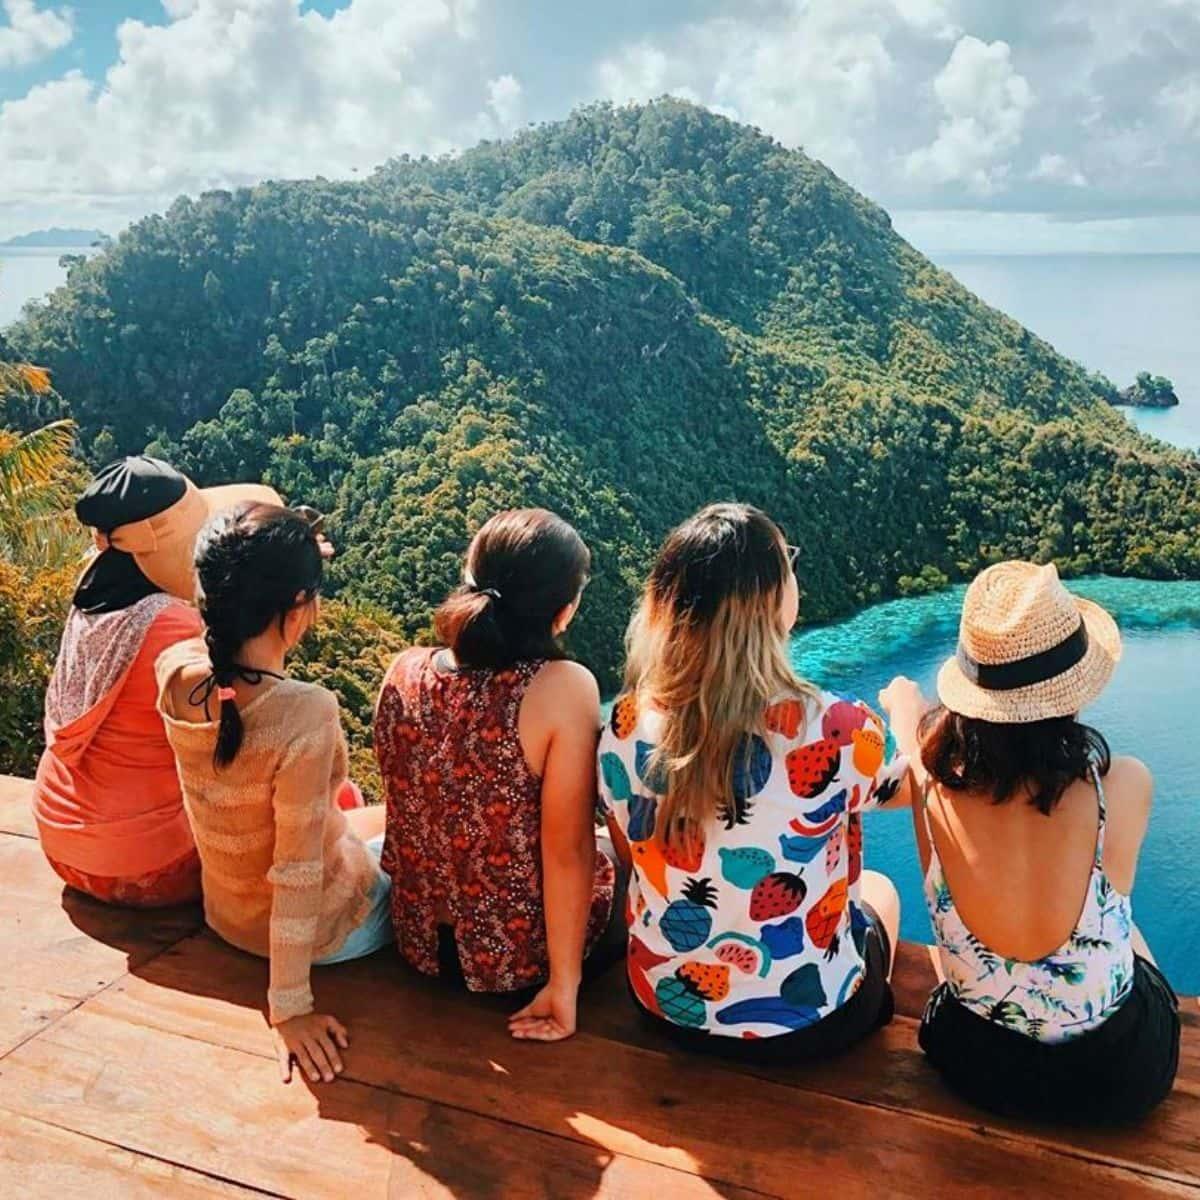 Wisata Populer Indonesia Raja Ampat - Sumber Instagram friscaarina